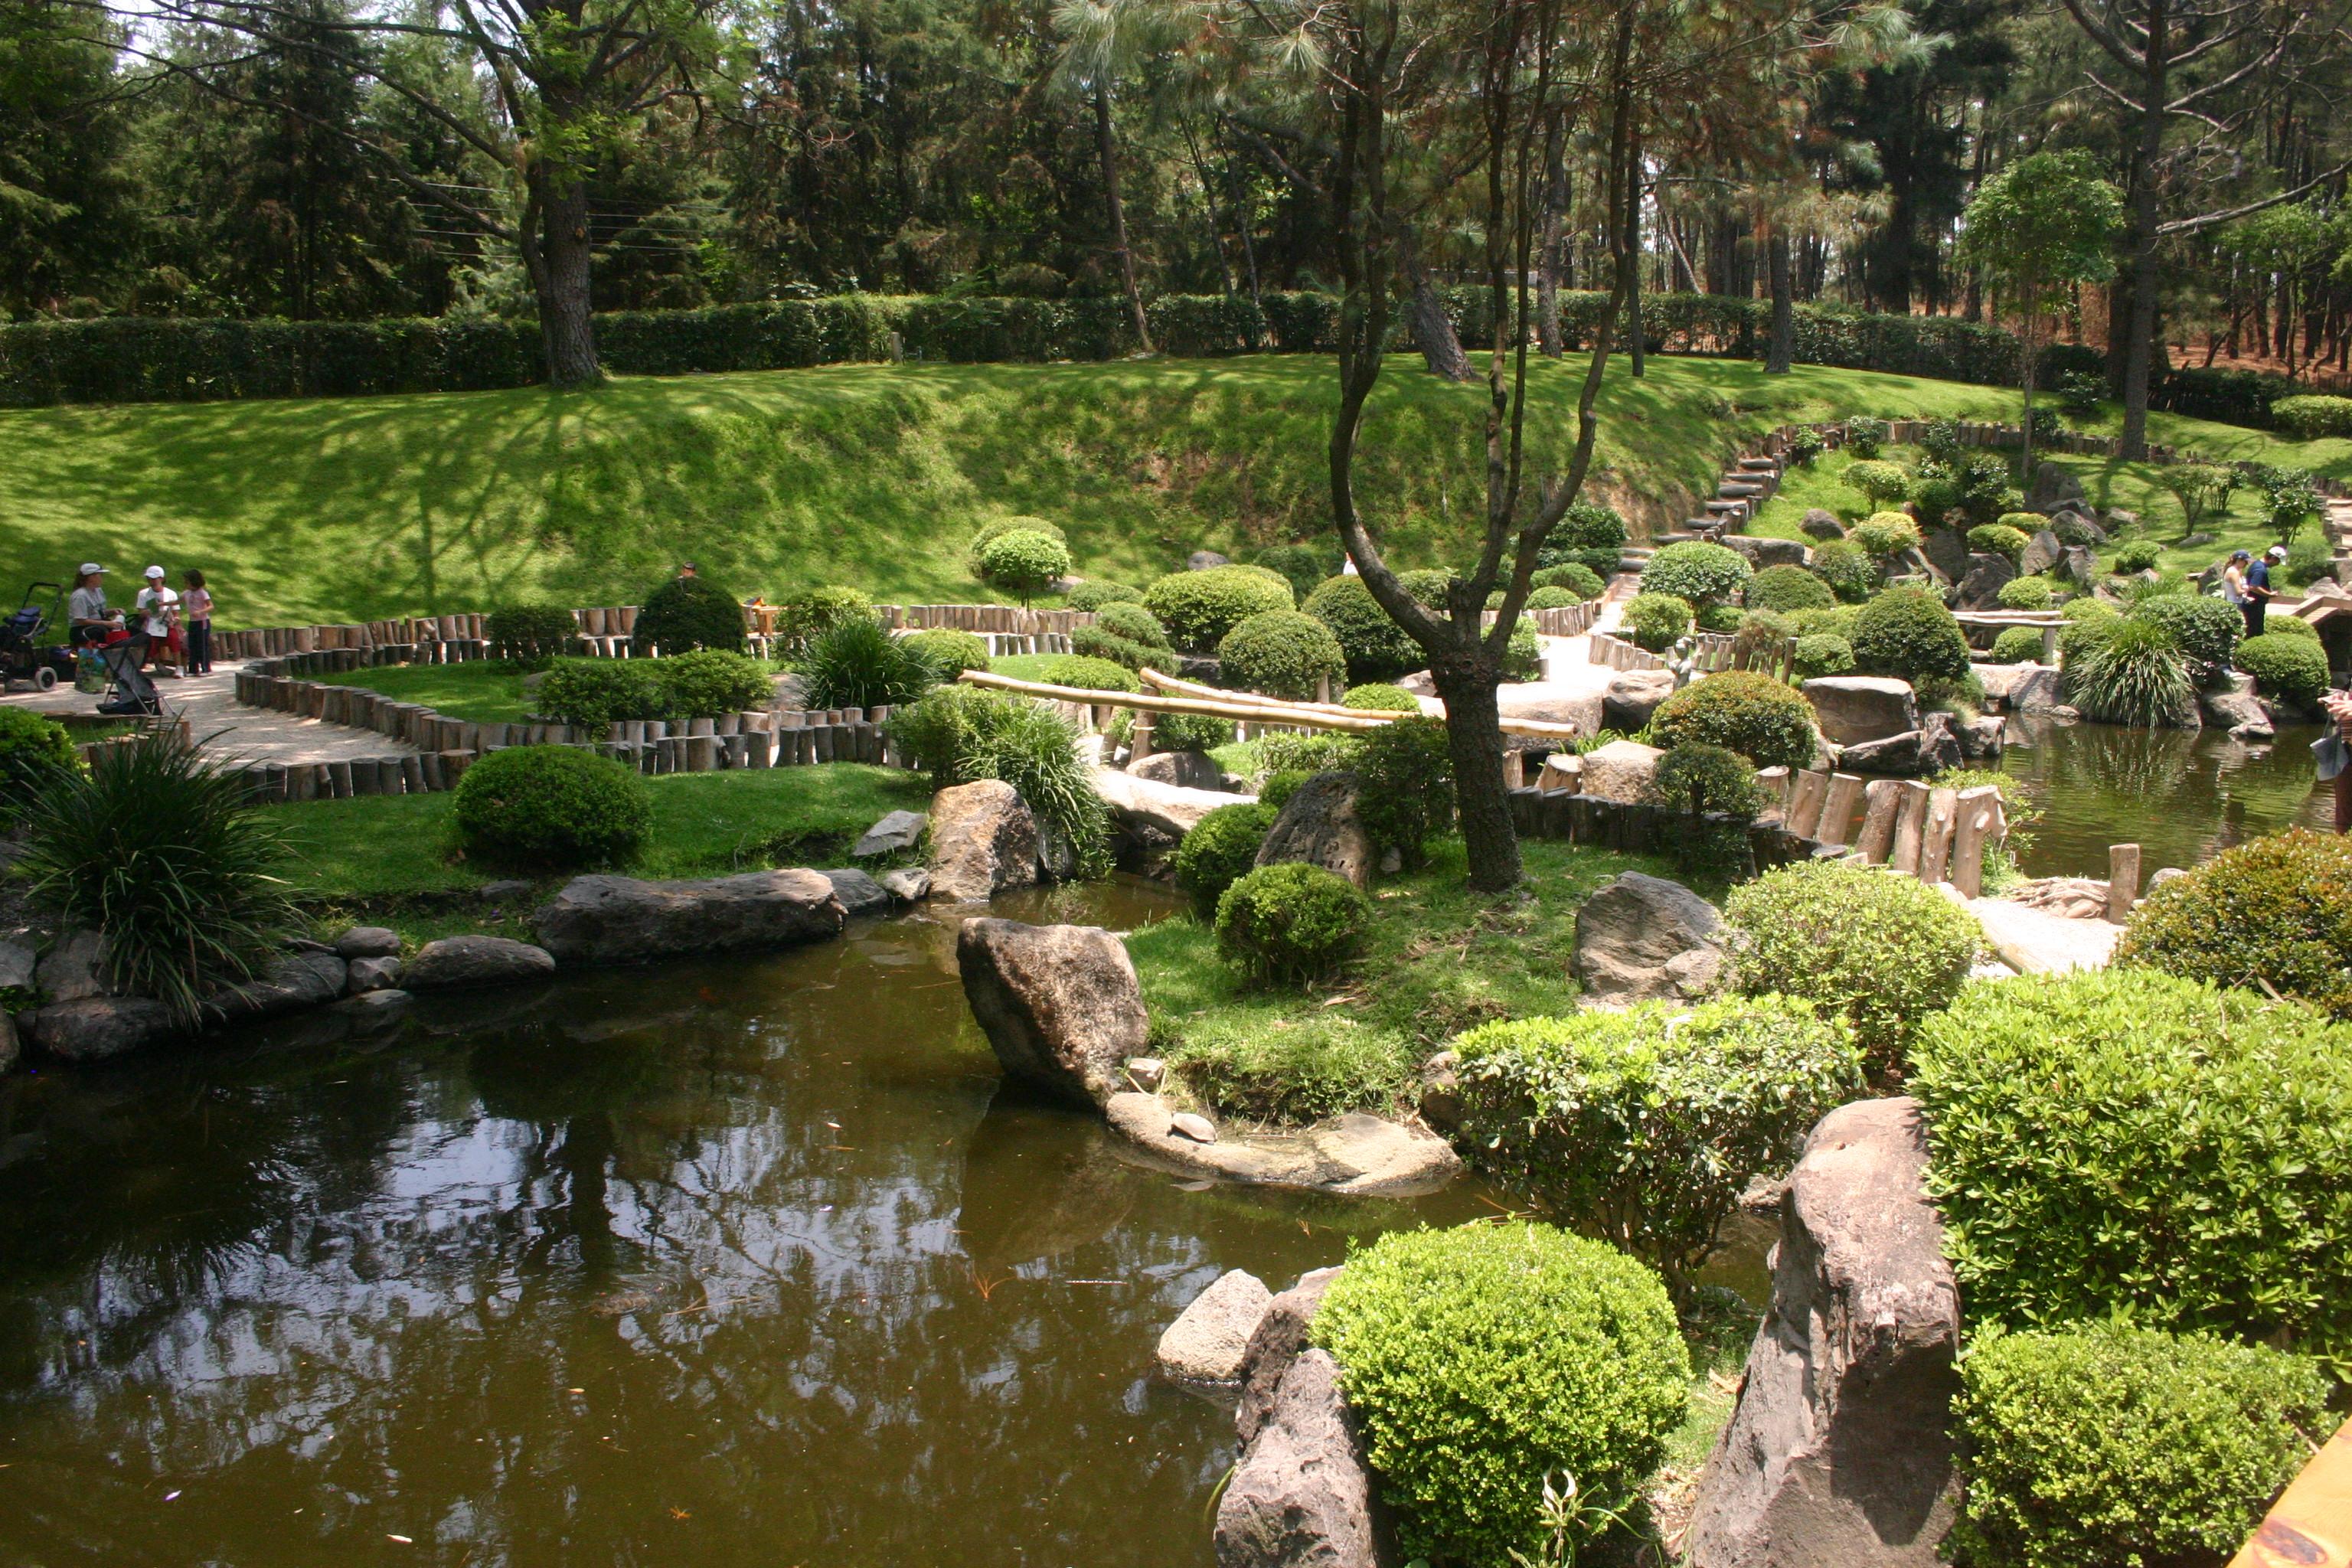 Jard n japon s parque colomos guadalajara jalisco for Carson bosque y jardin